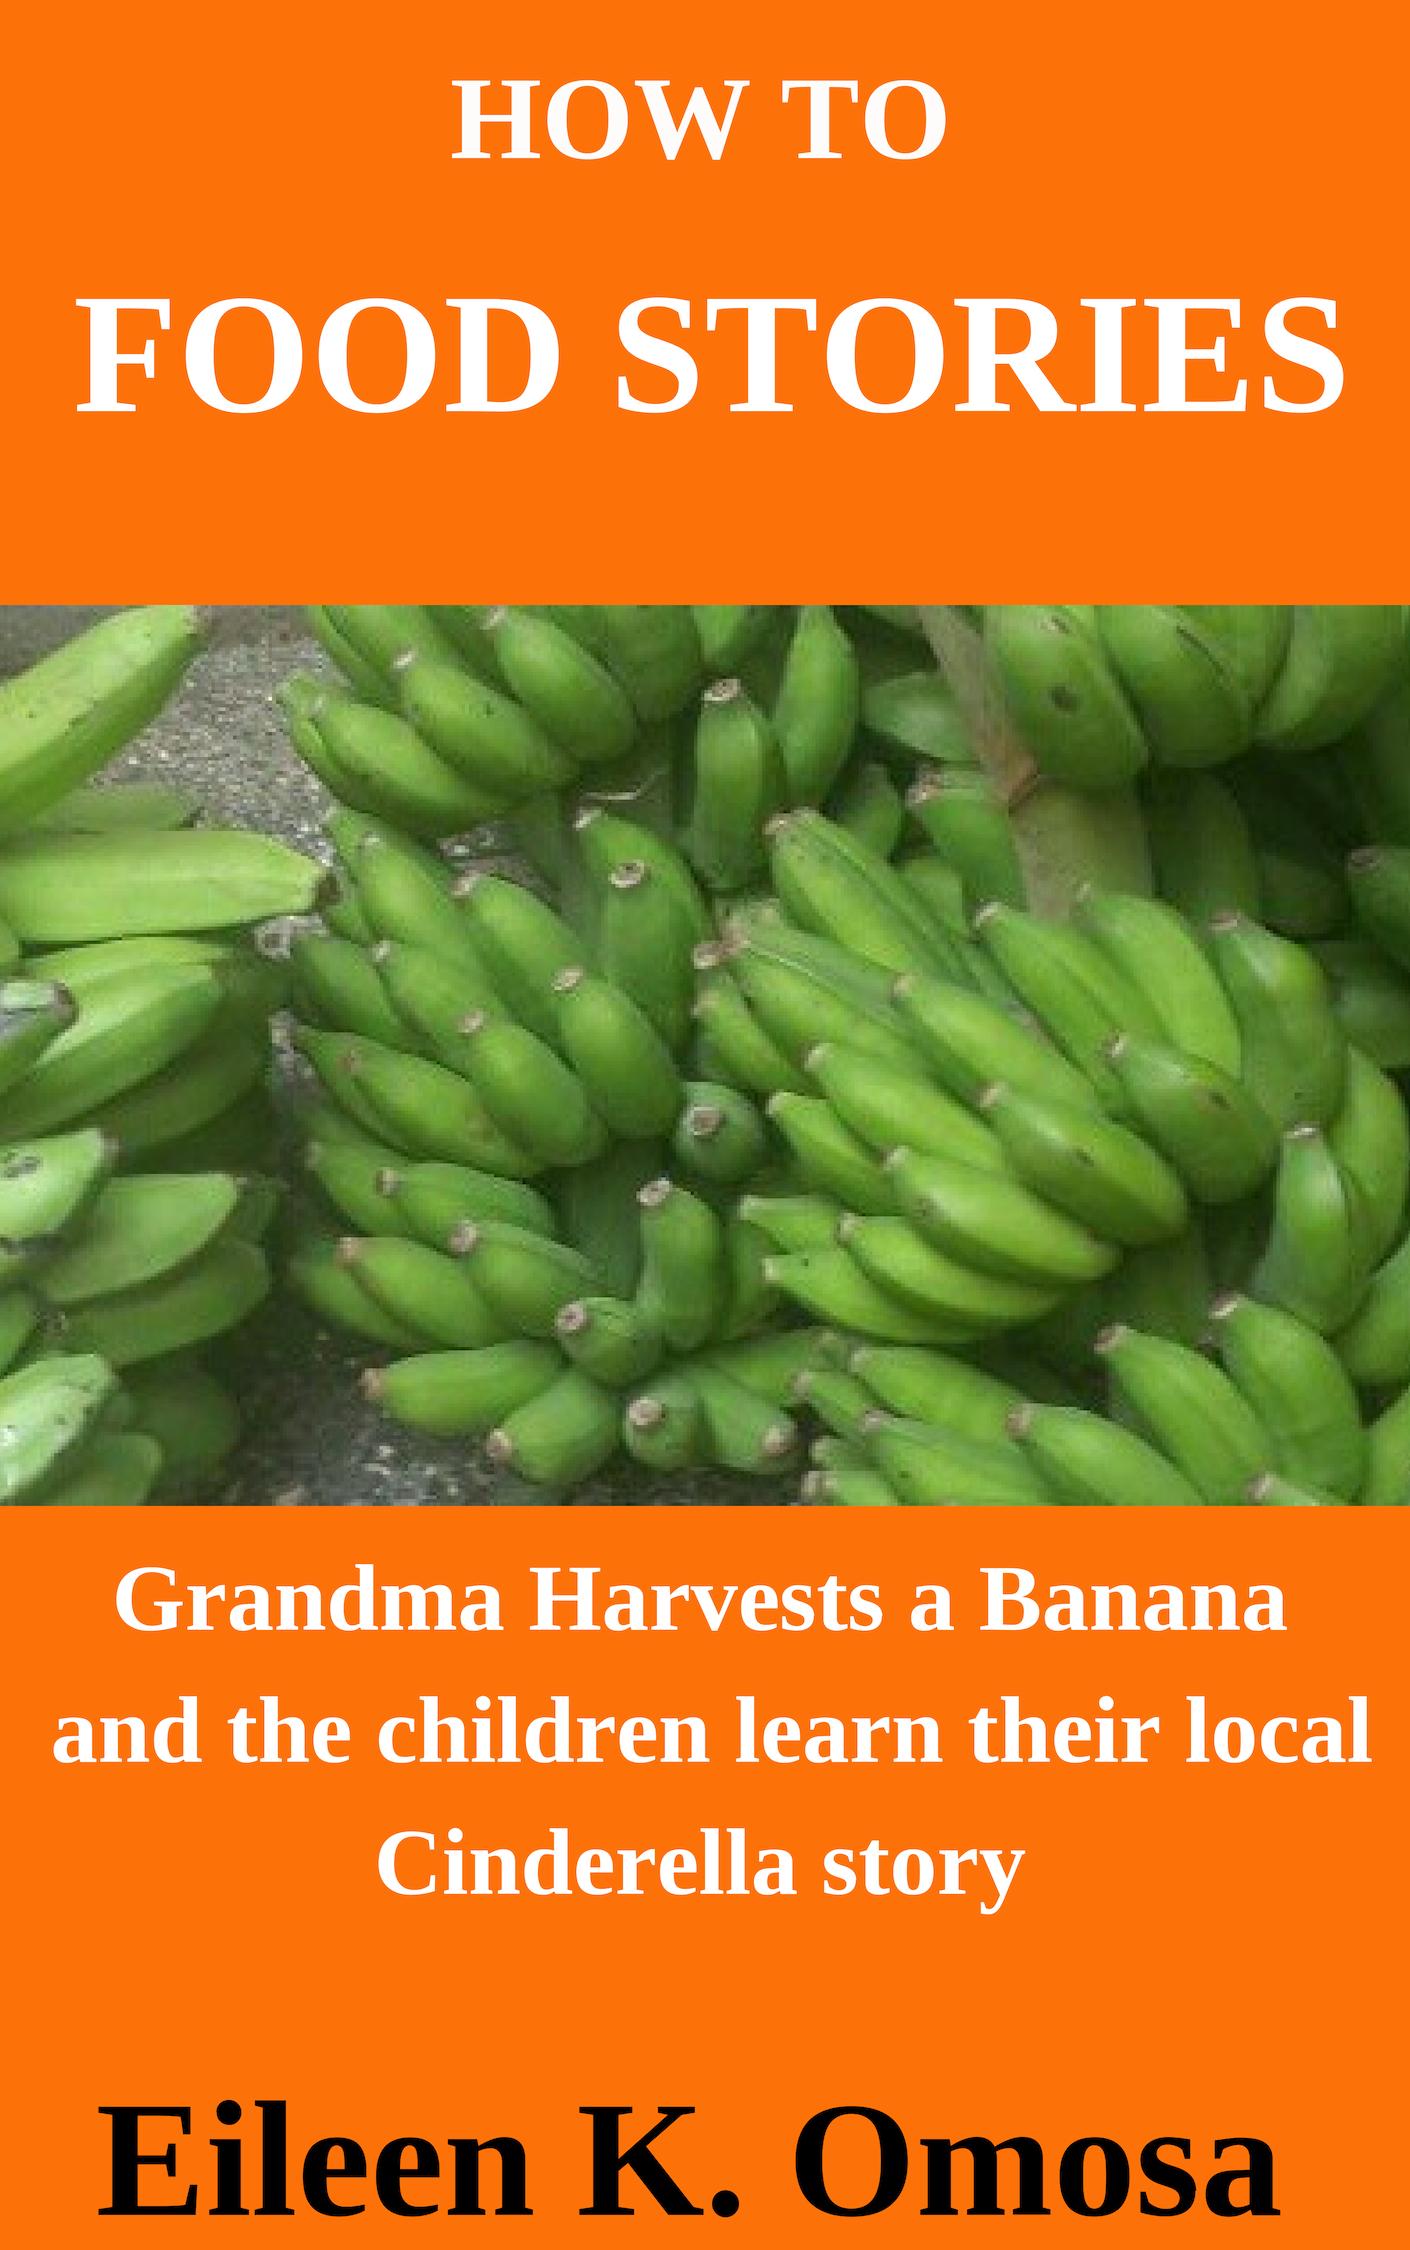 GrandmaHarvestsBanana.jpg